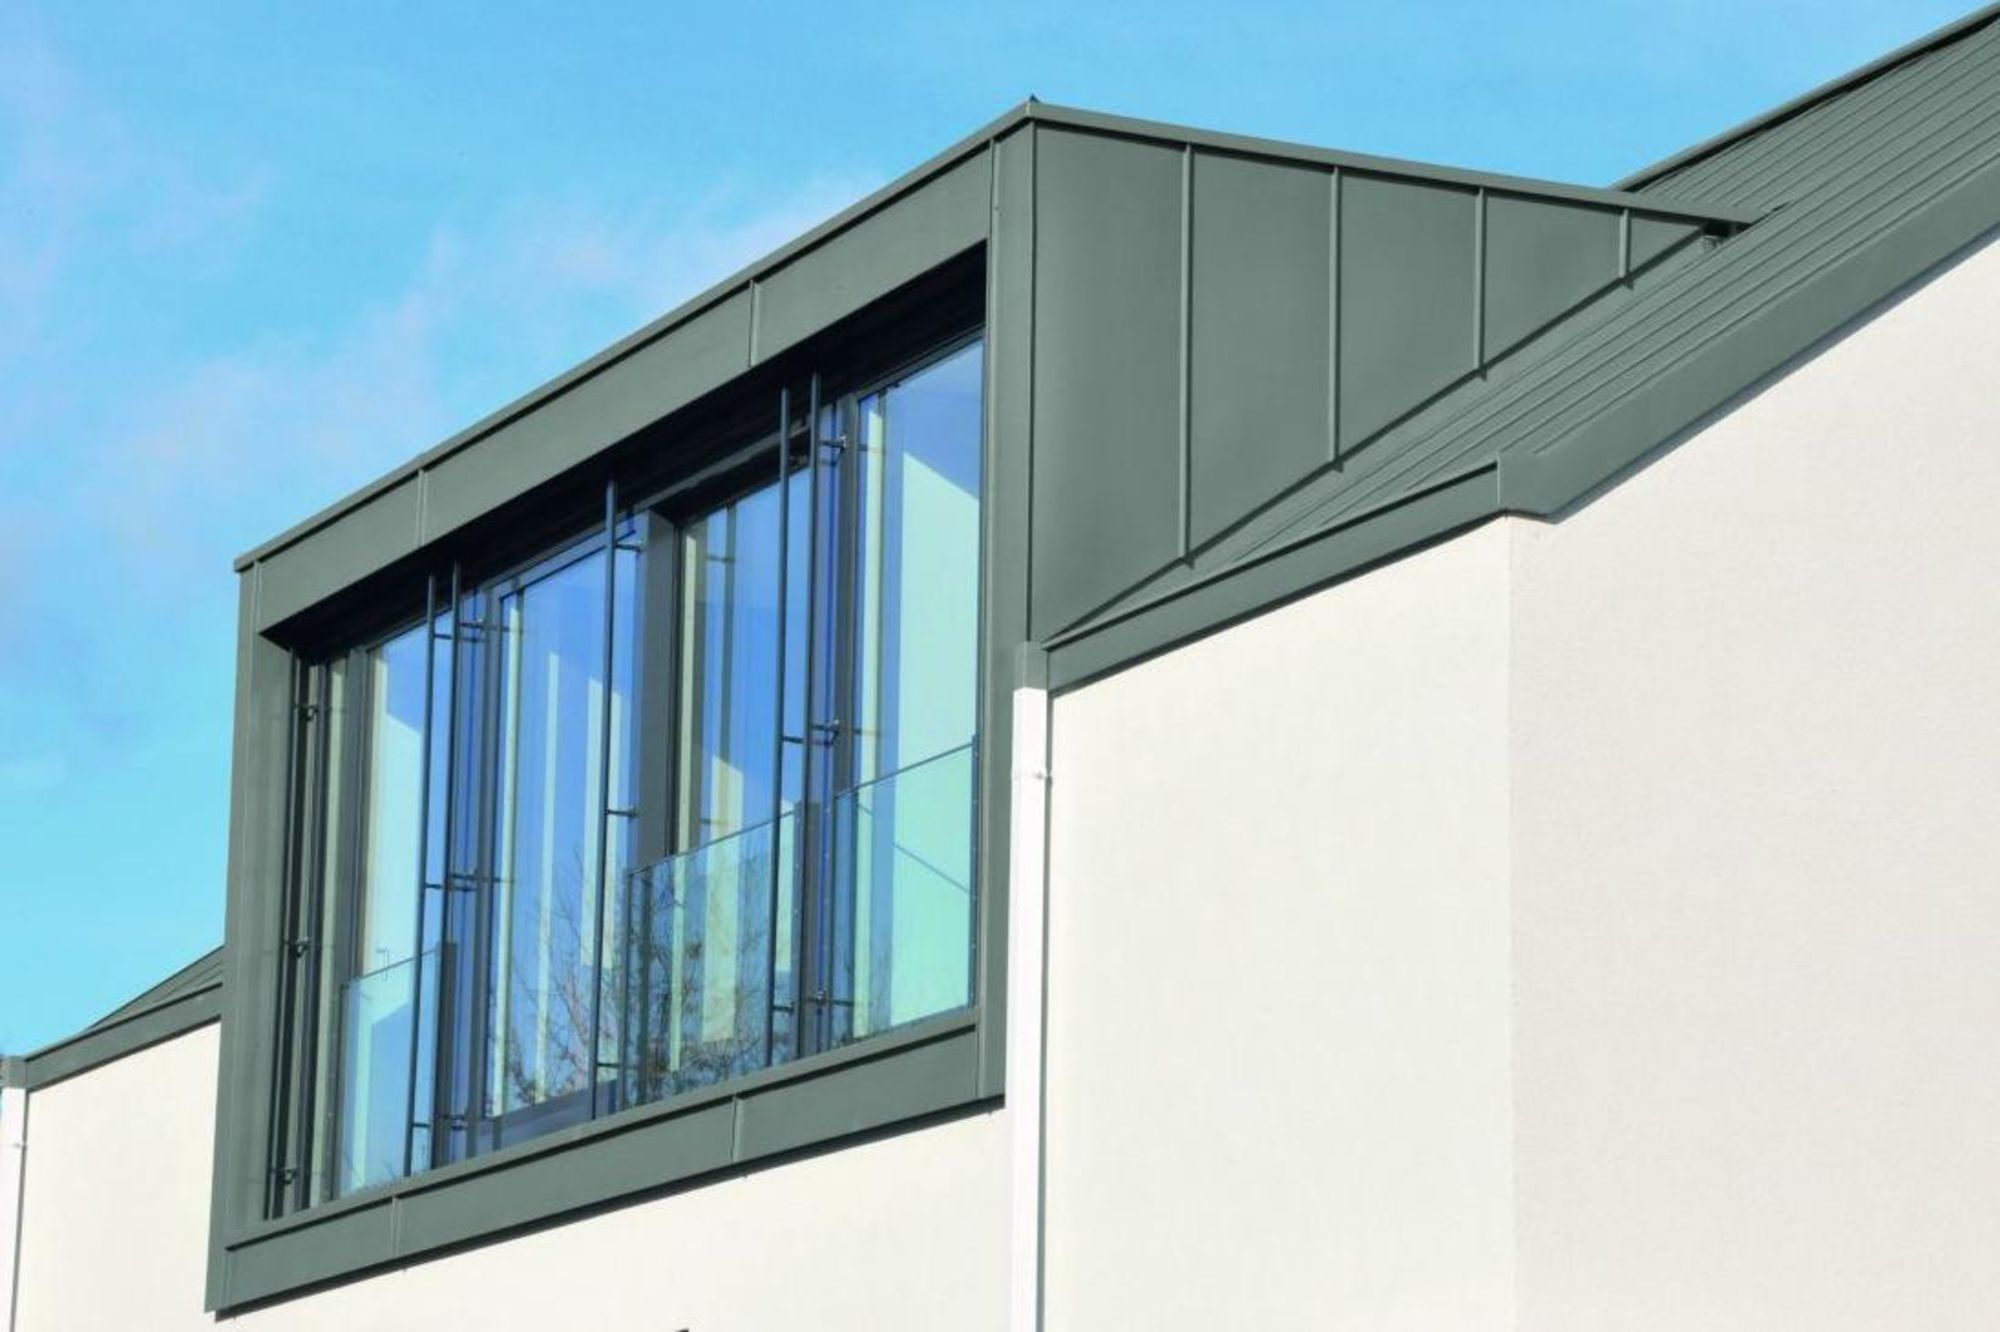 Lucarne de toit panneaux maison ossature bois.com 01 (14)